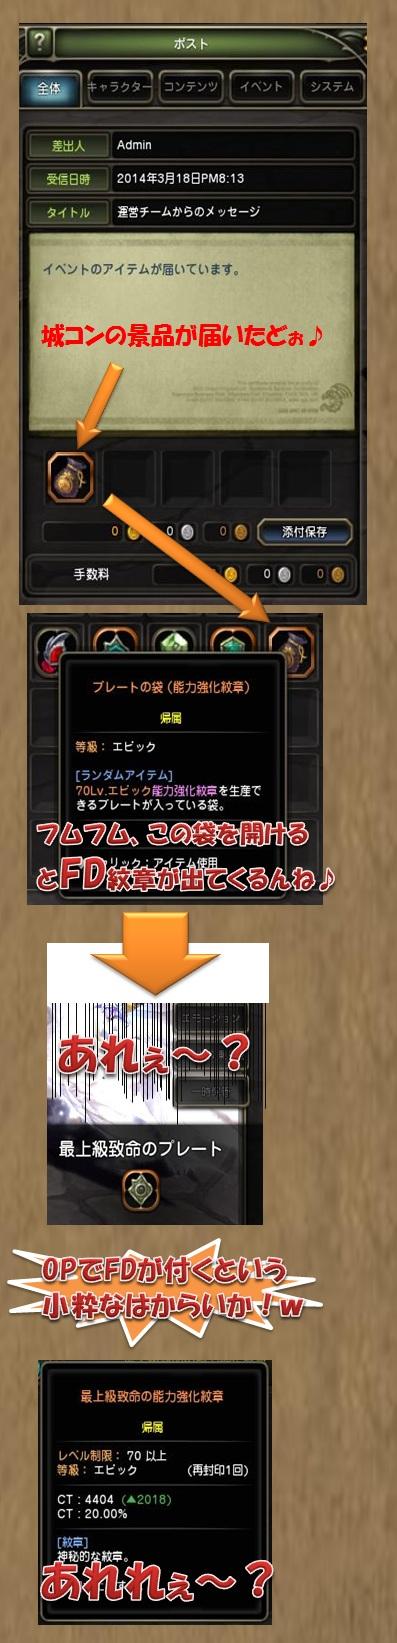 20140319_01.jpg